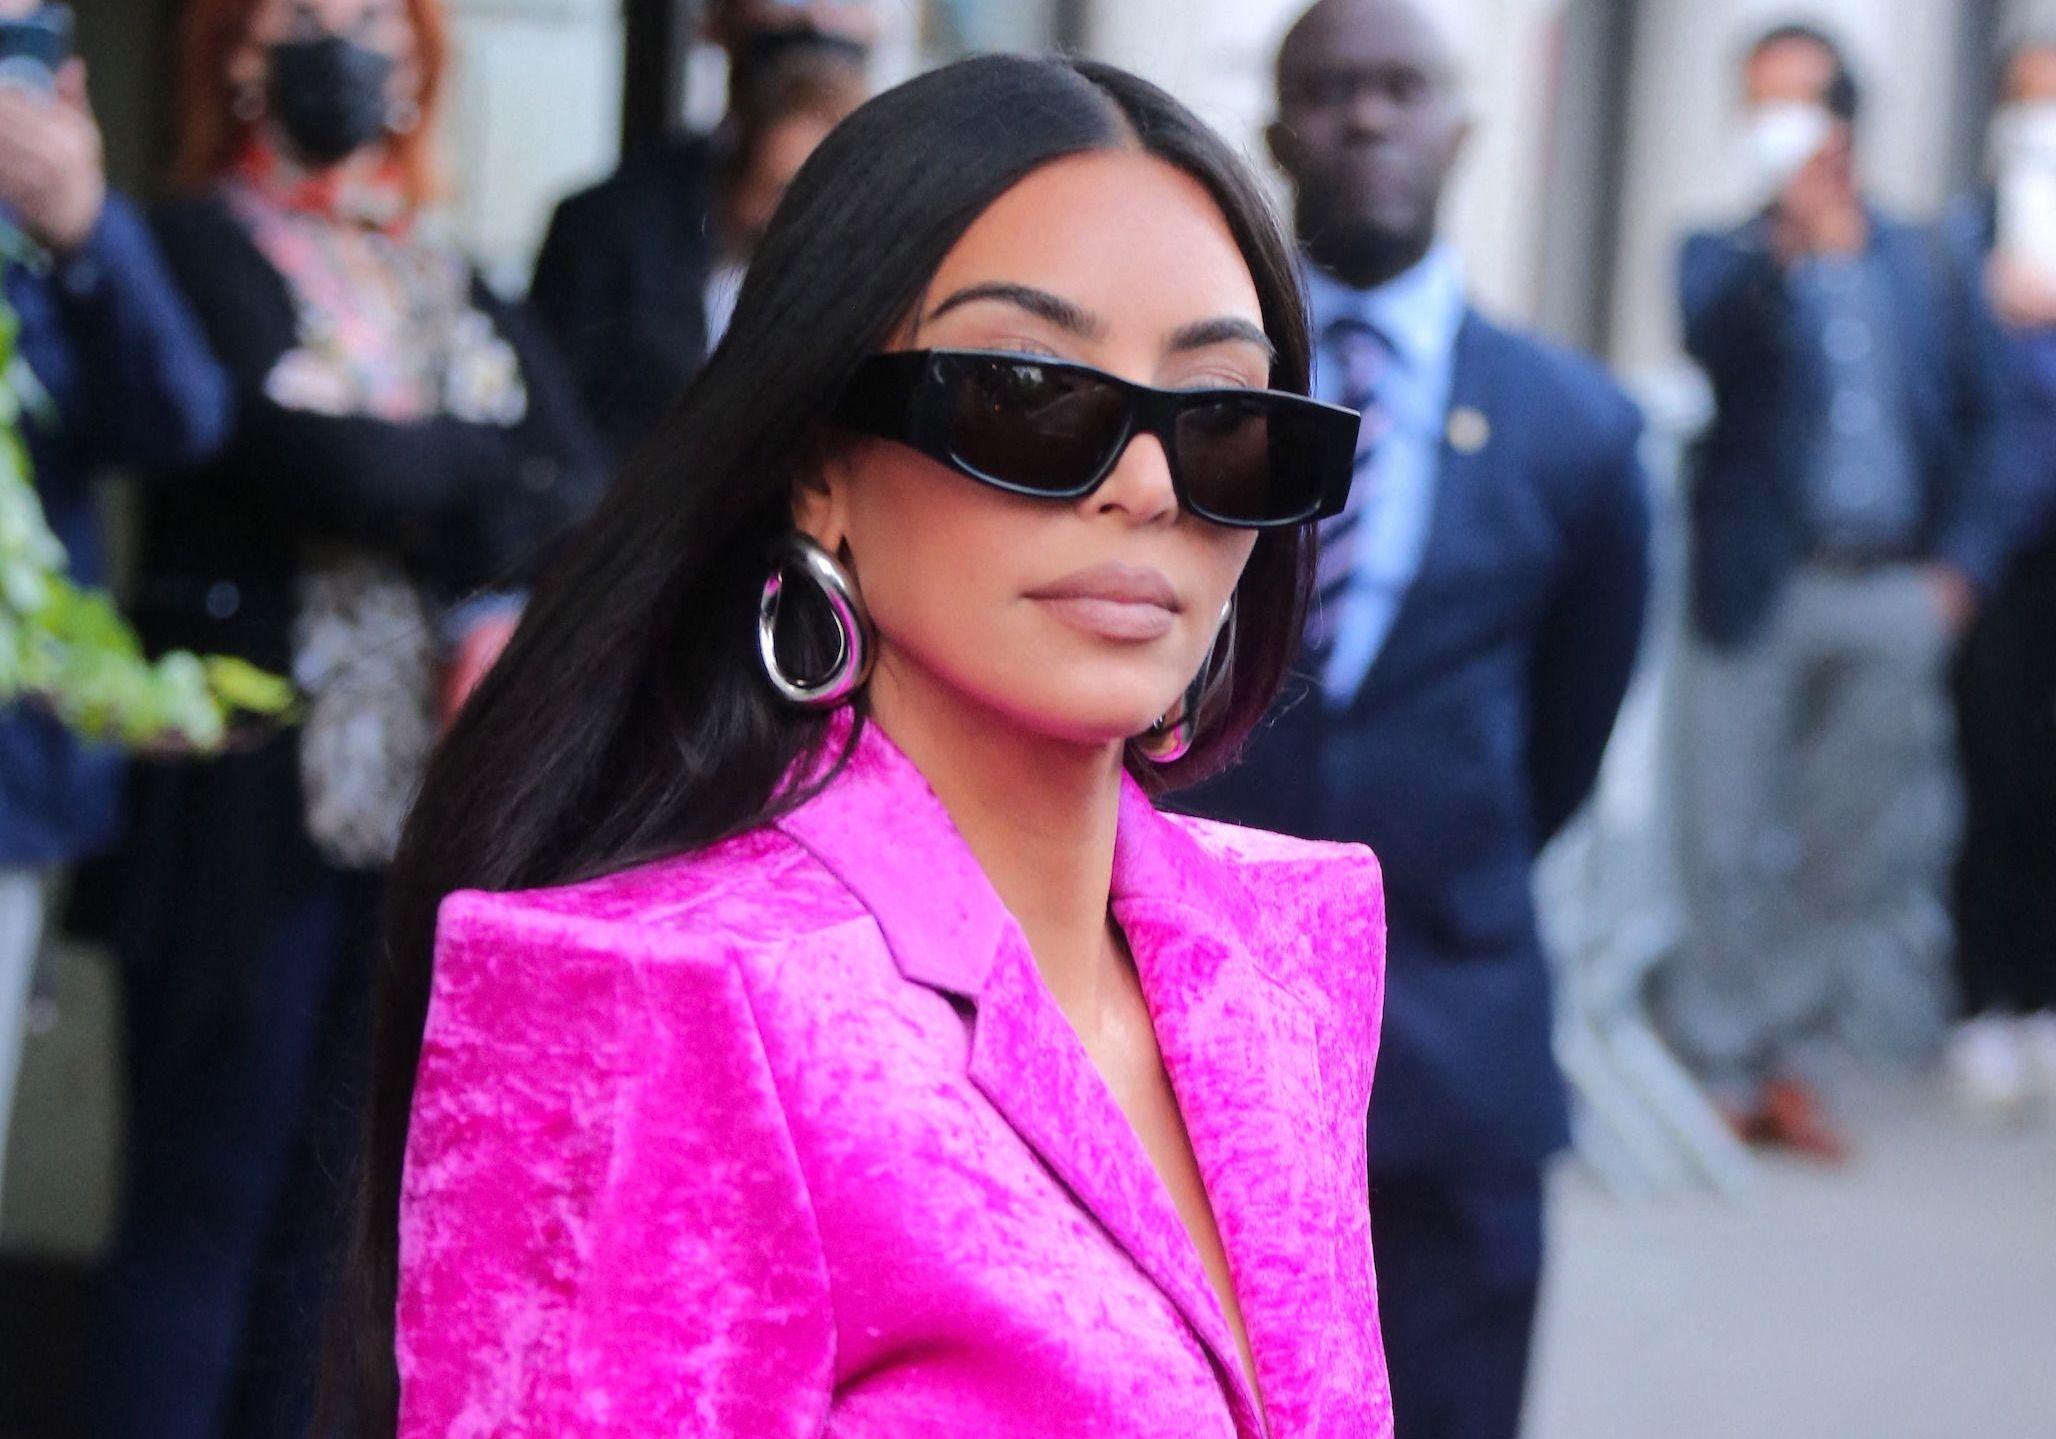 De Dash à Skims, comment Kim Kardashian a conquis le monde de la mode